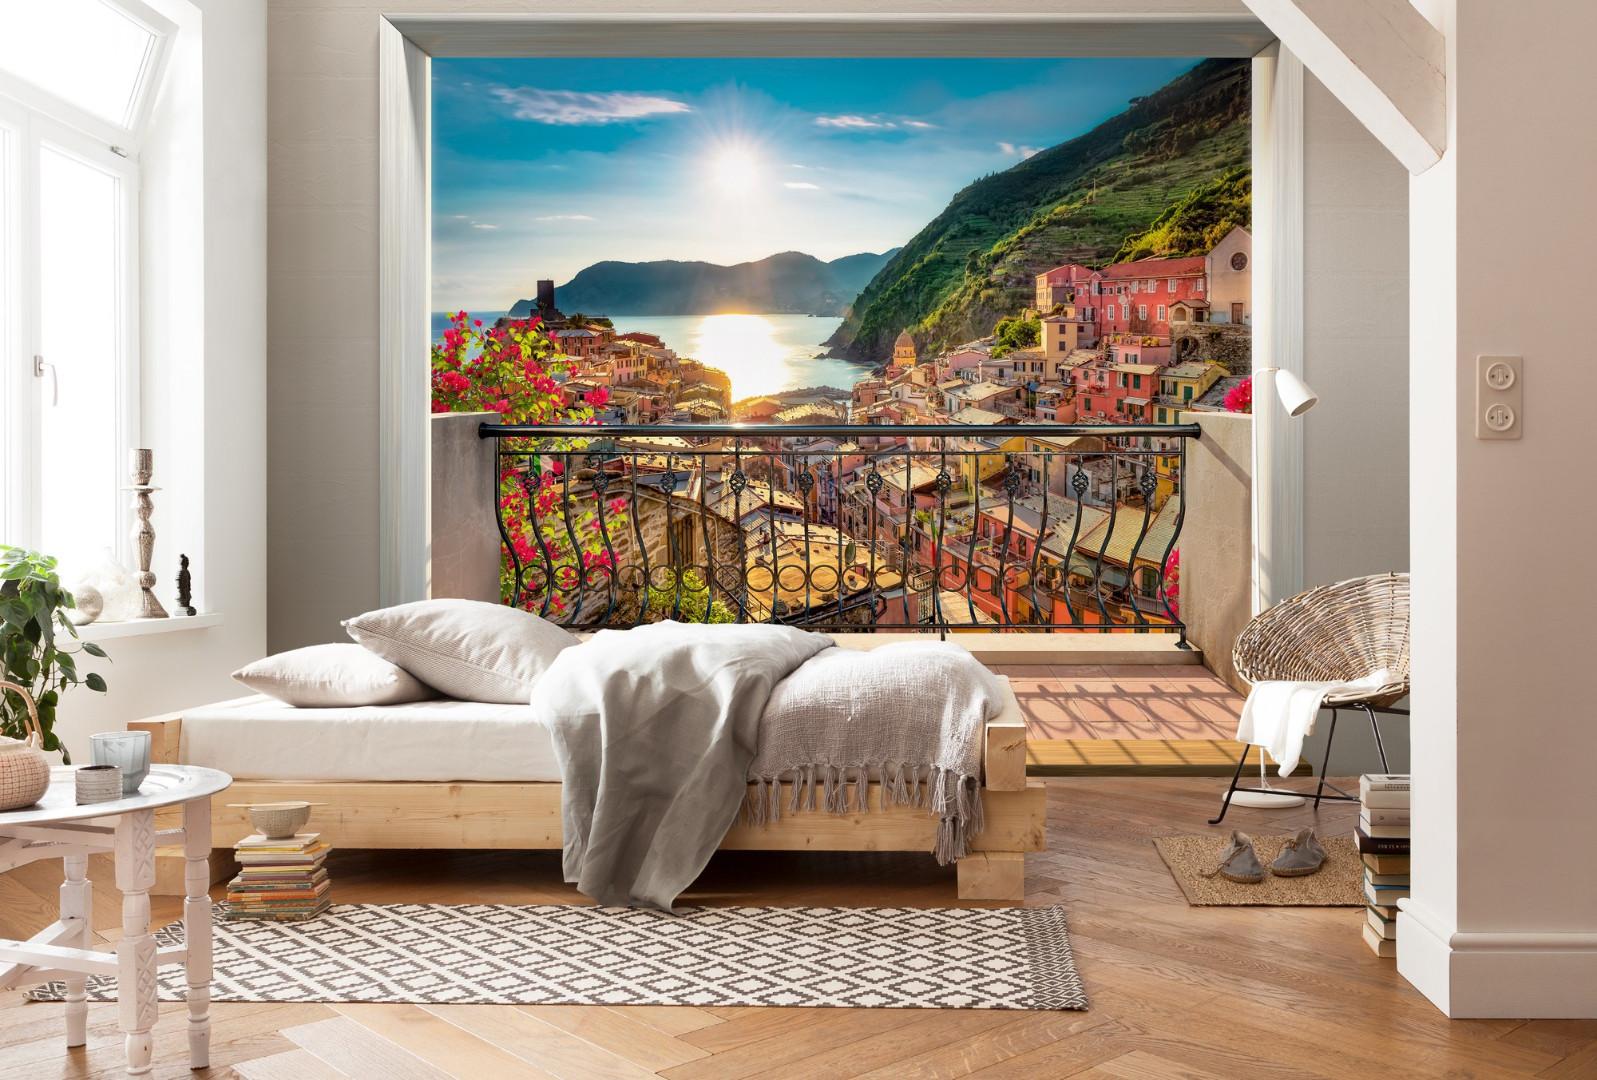 Фрески в интерьере: что это такое, варианты (50+ фото) | дизайн интерьера